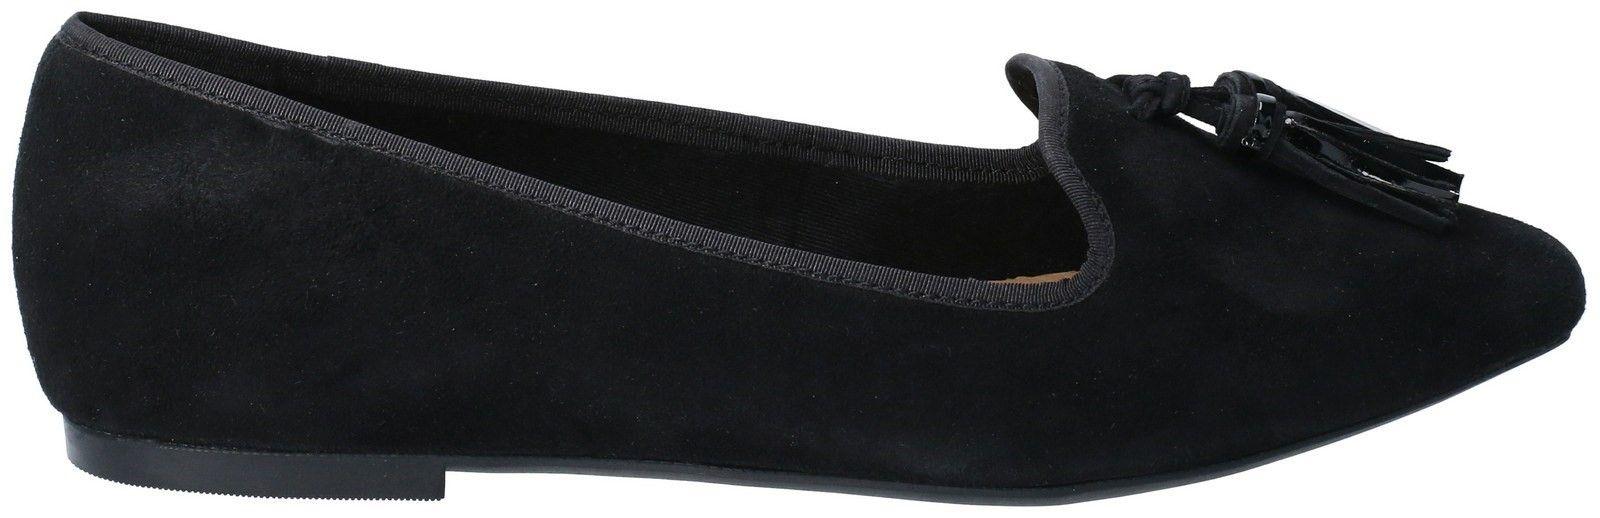 Sadie Tassle Slip On Shoe